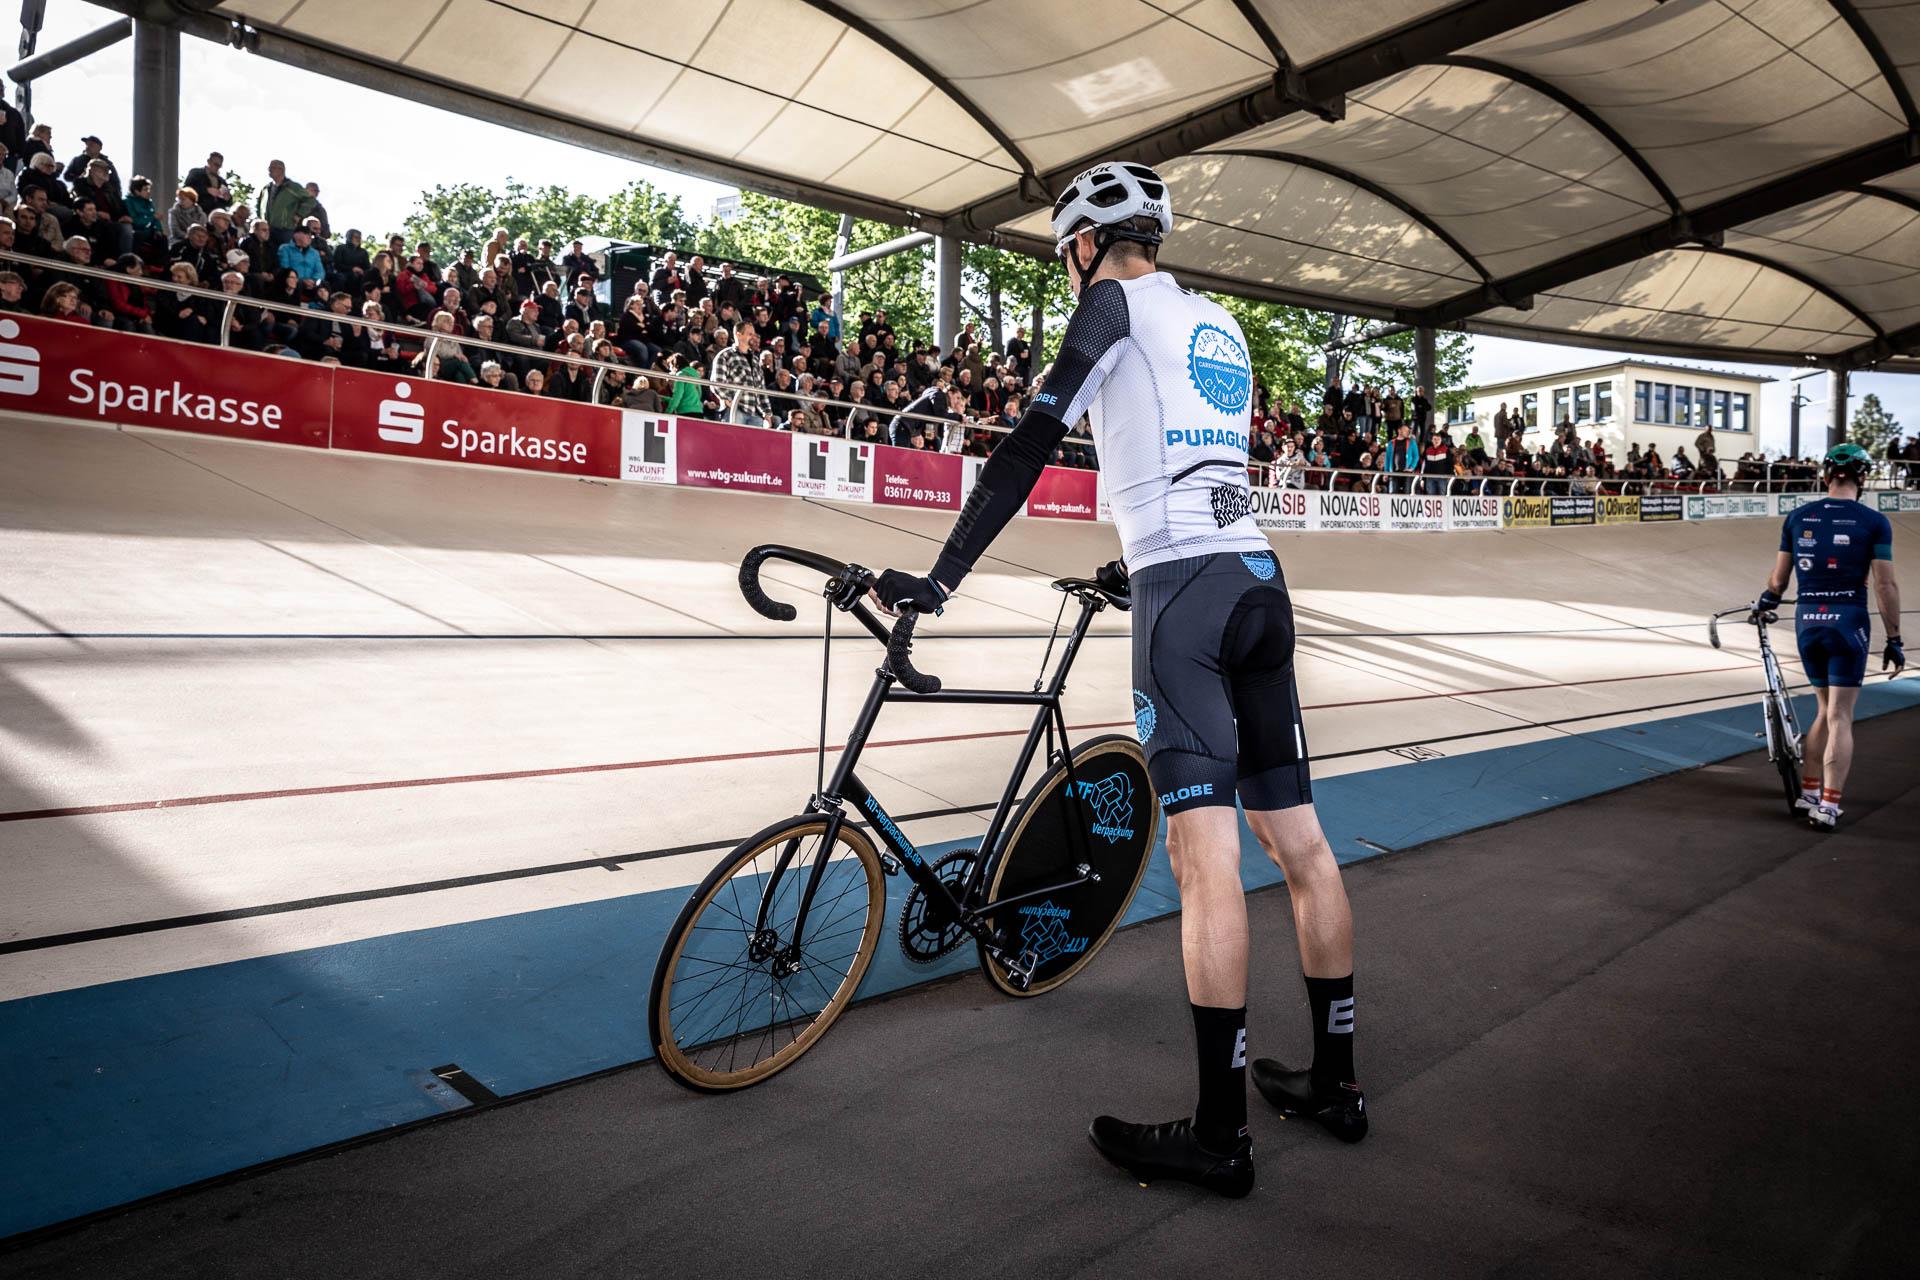 Daniel Harnisch, NOVASIB Stehernacht, 10.05.2019, Radrennbahn Andreasried, Foto: Martin Meiners